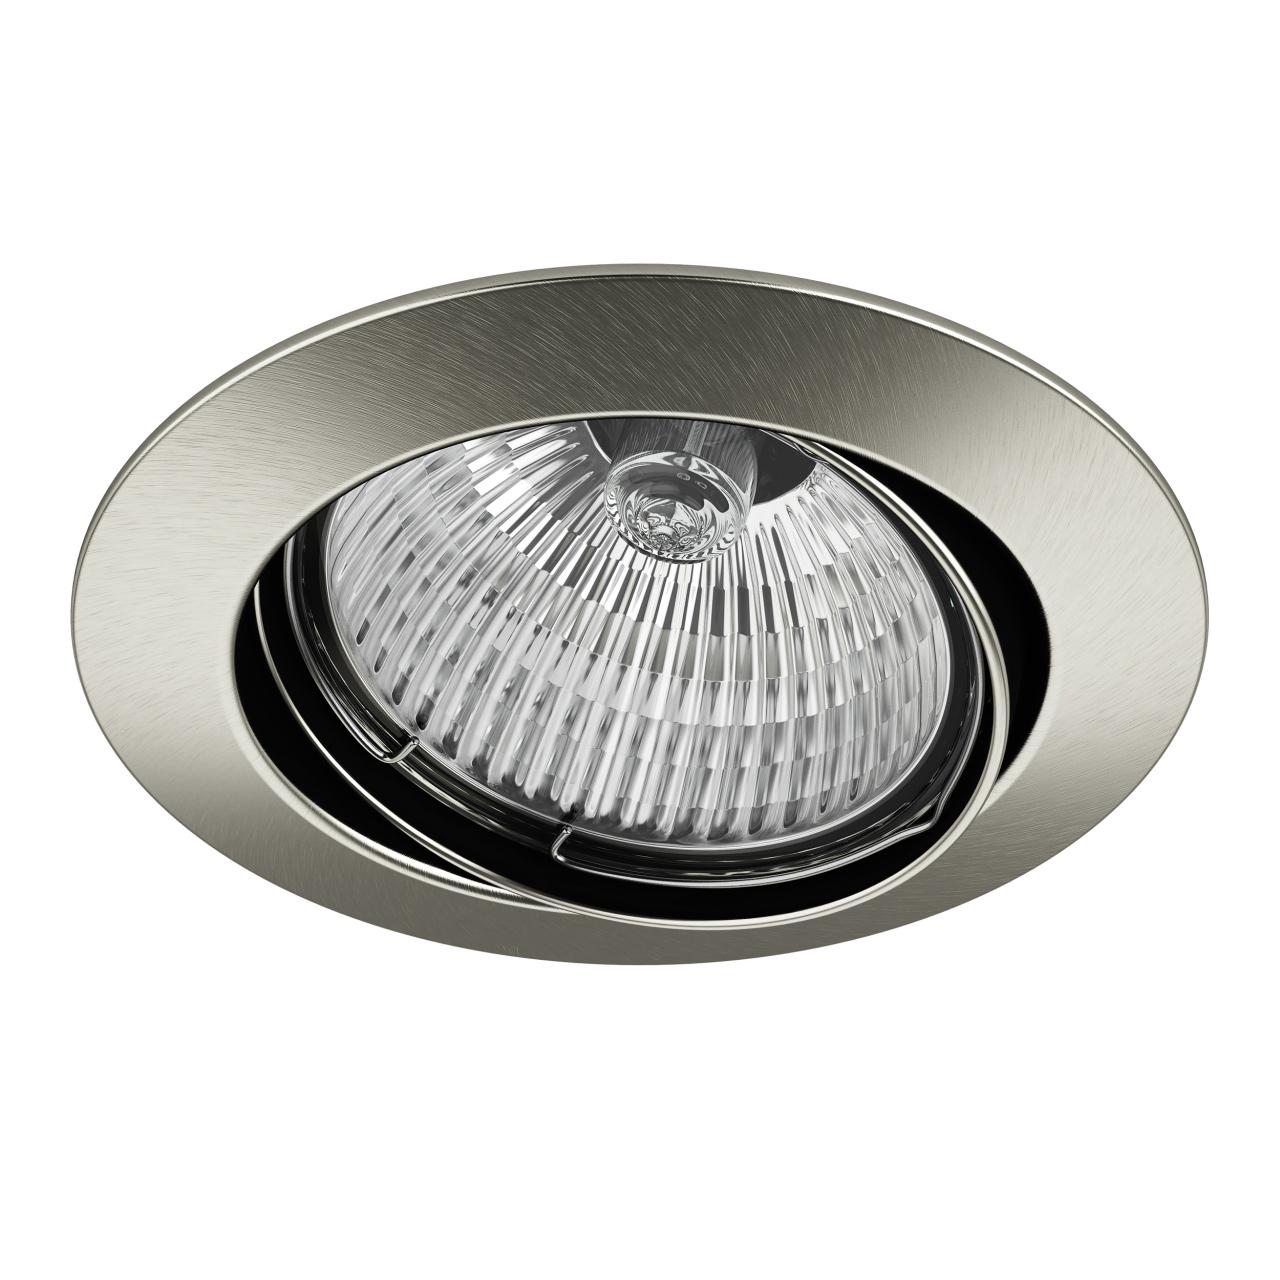 Светильник lega HI ADJ MR16 / HP16 никель Lightstar 011025